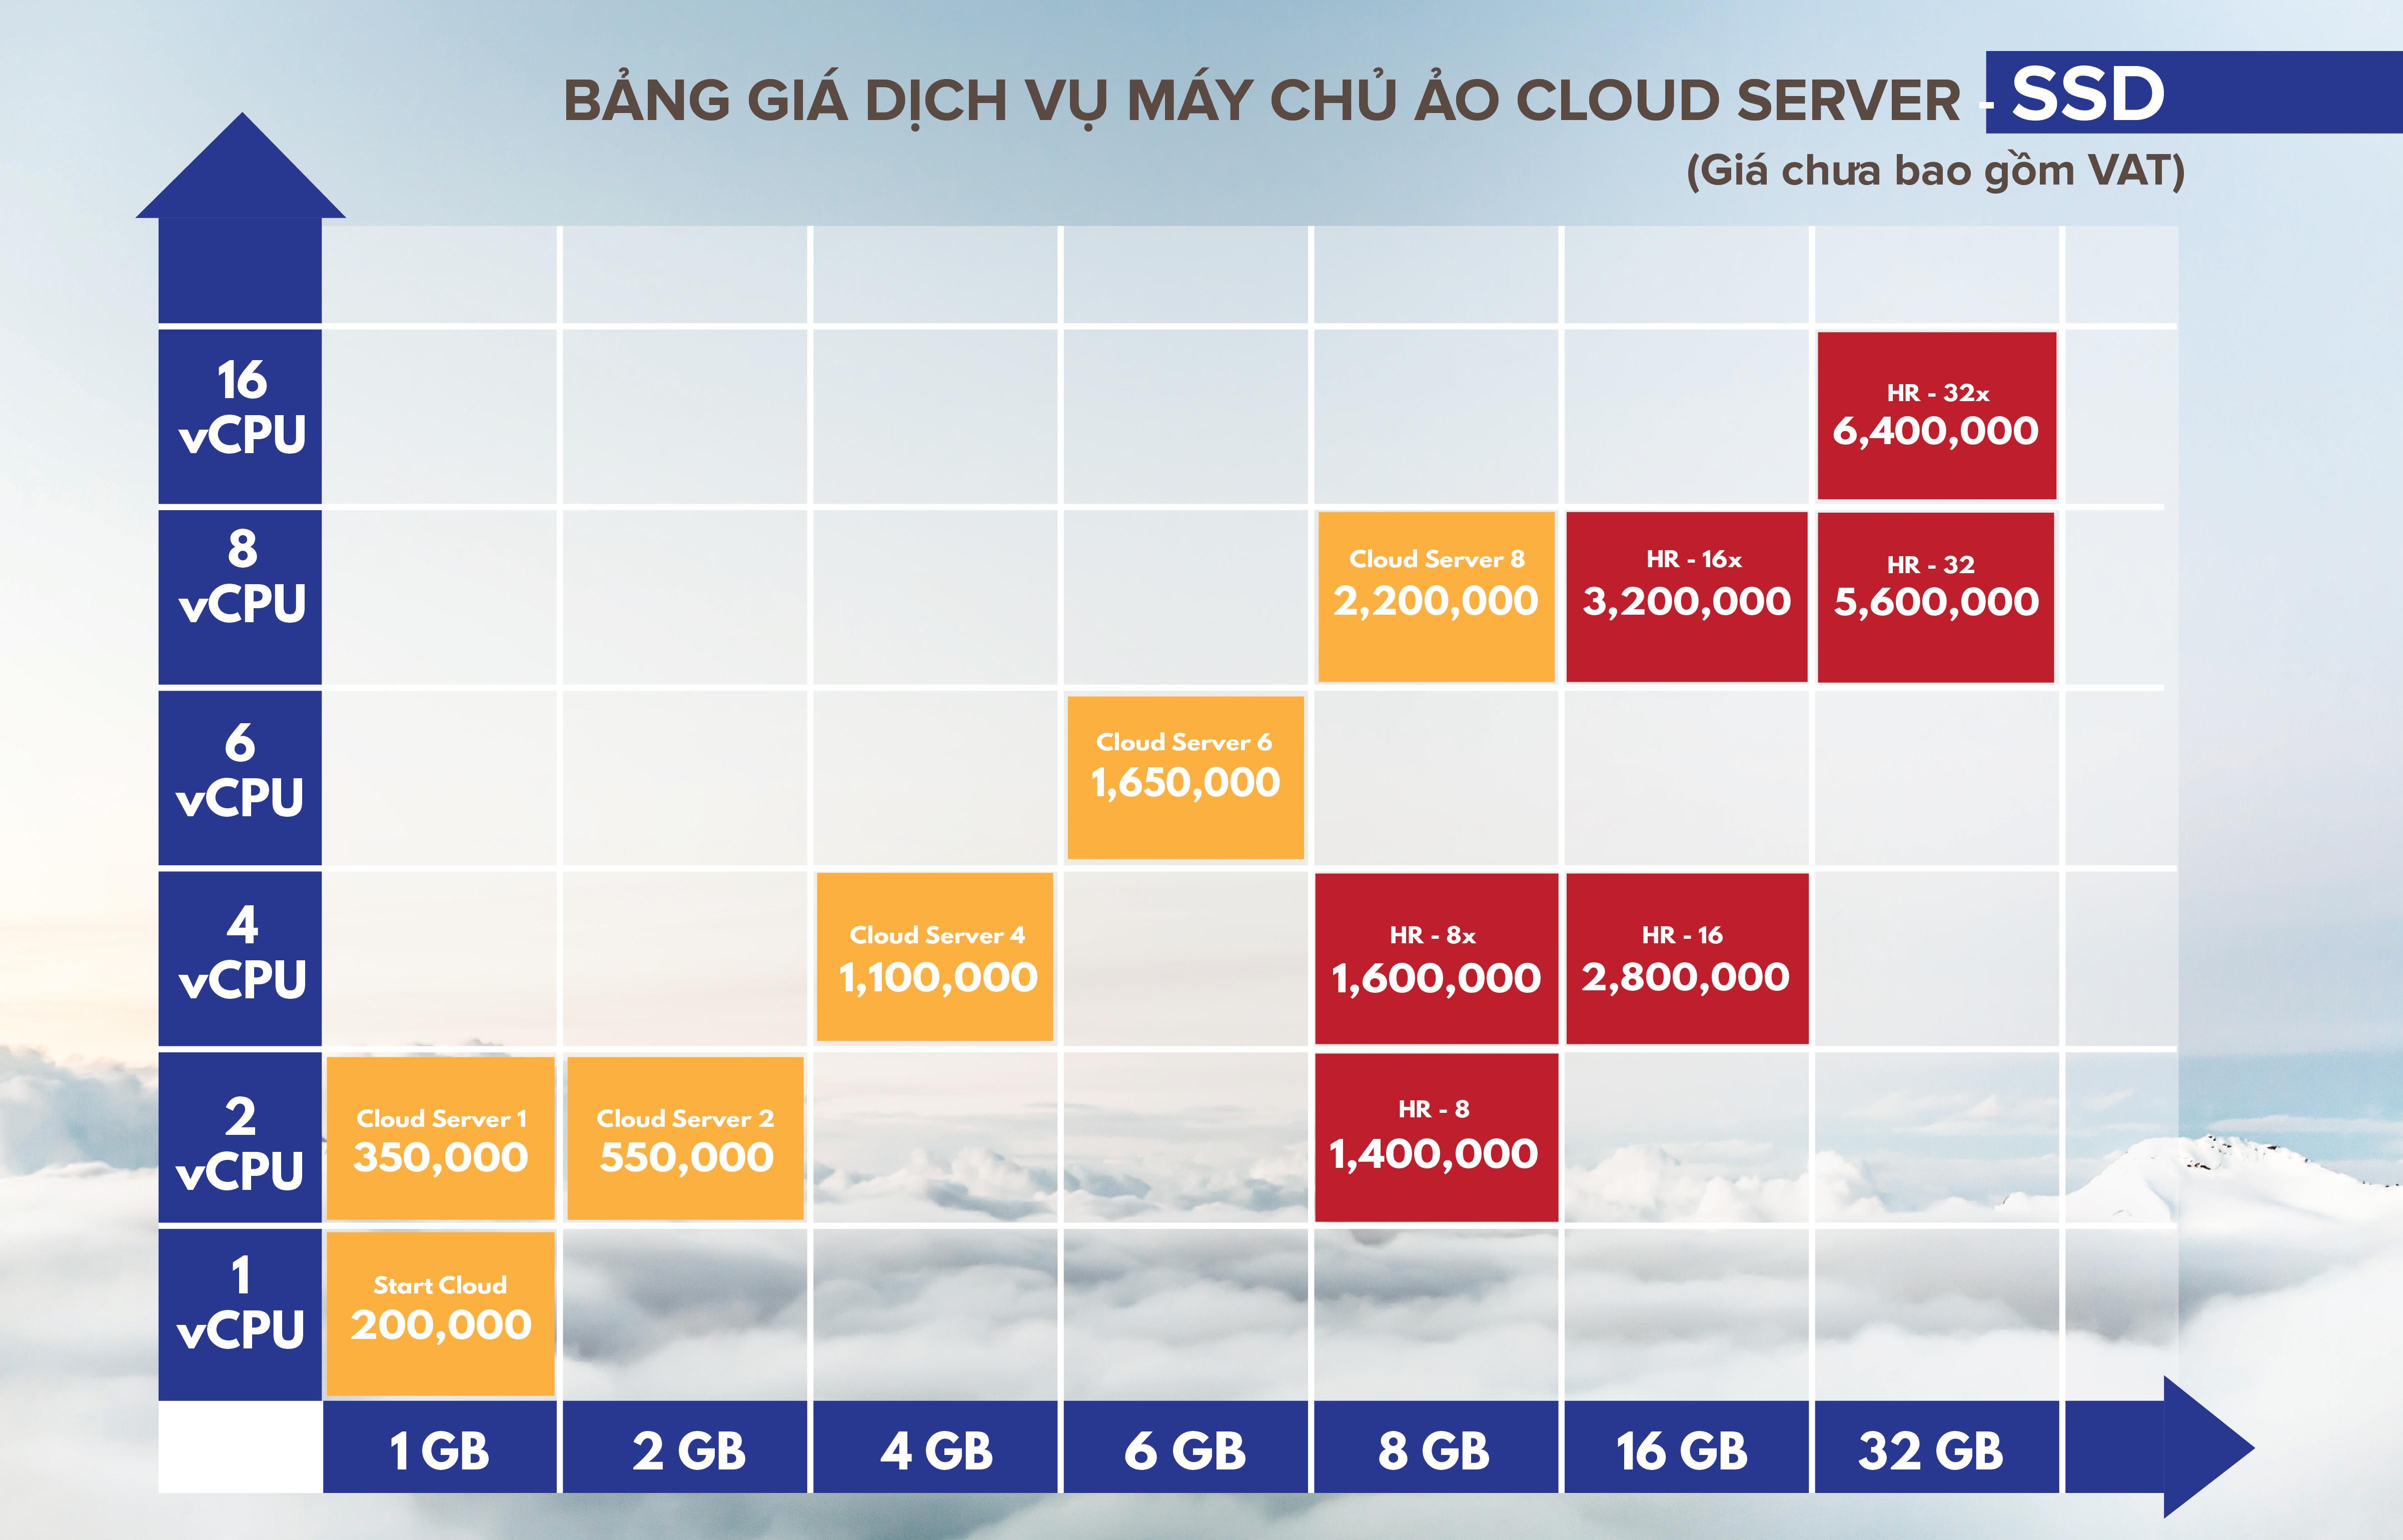 Bảng giá dịch vụ máy chủ ảo Cloud Server SSD